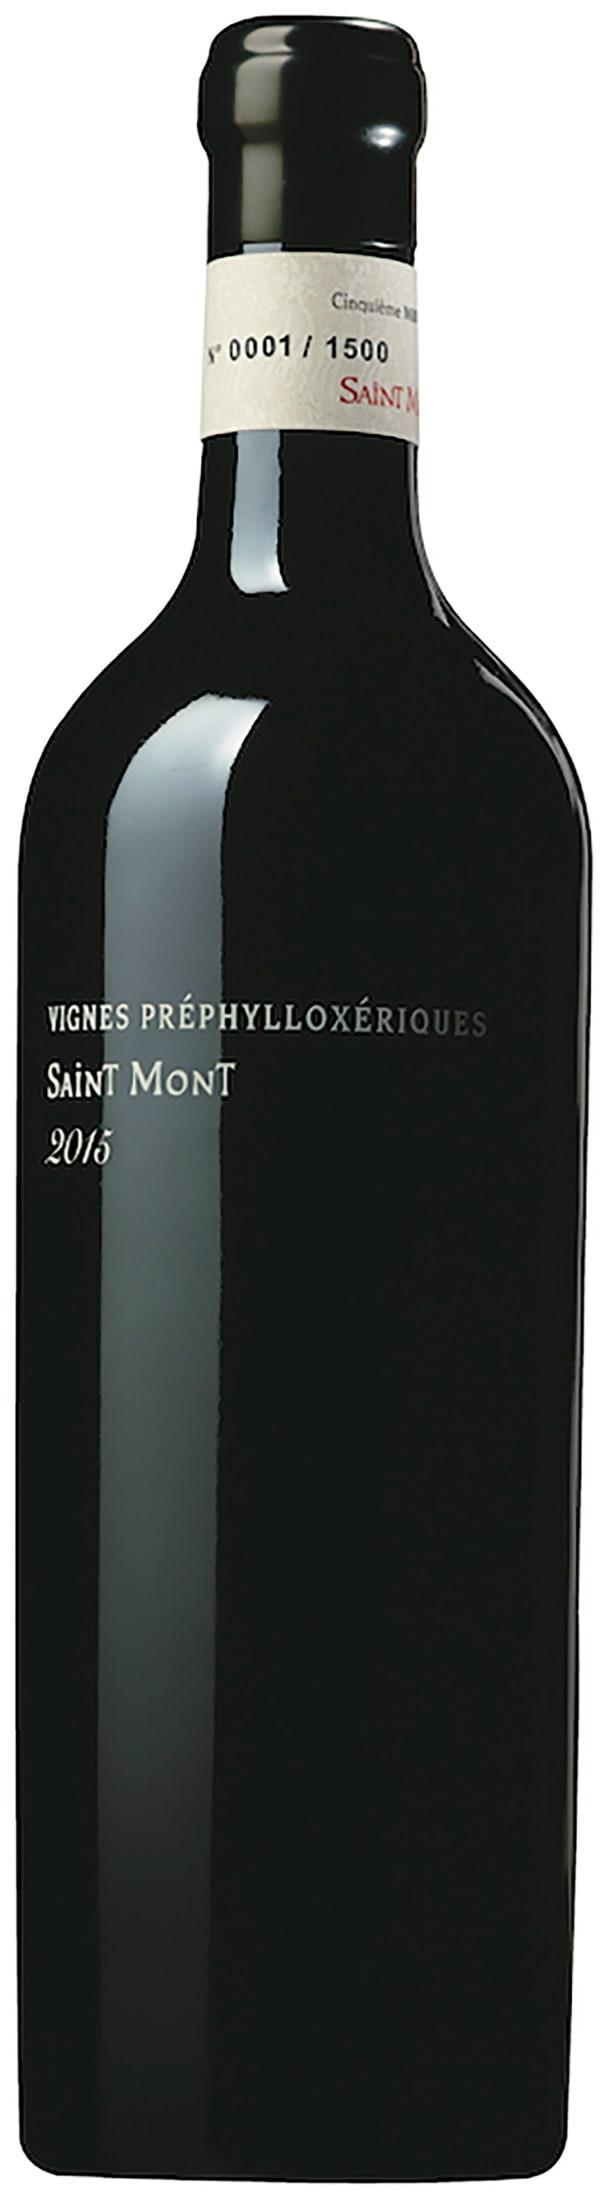 Plaimont Vignes Préphylloxériques 2015